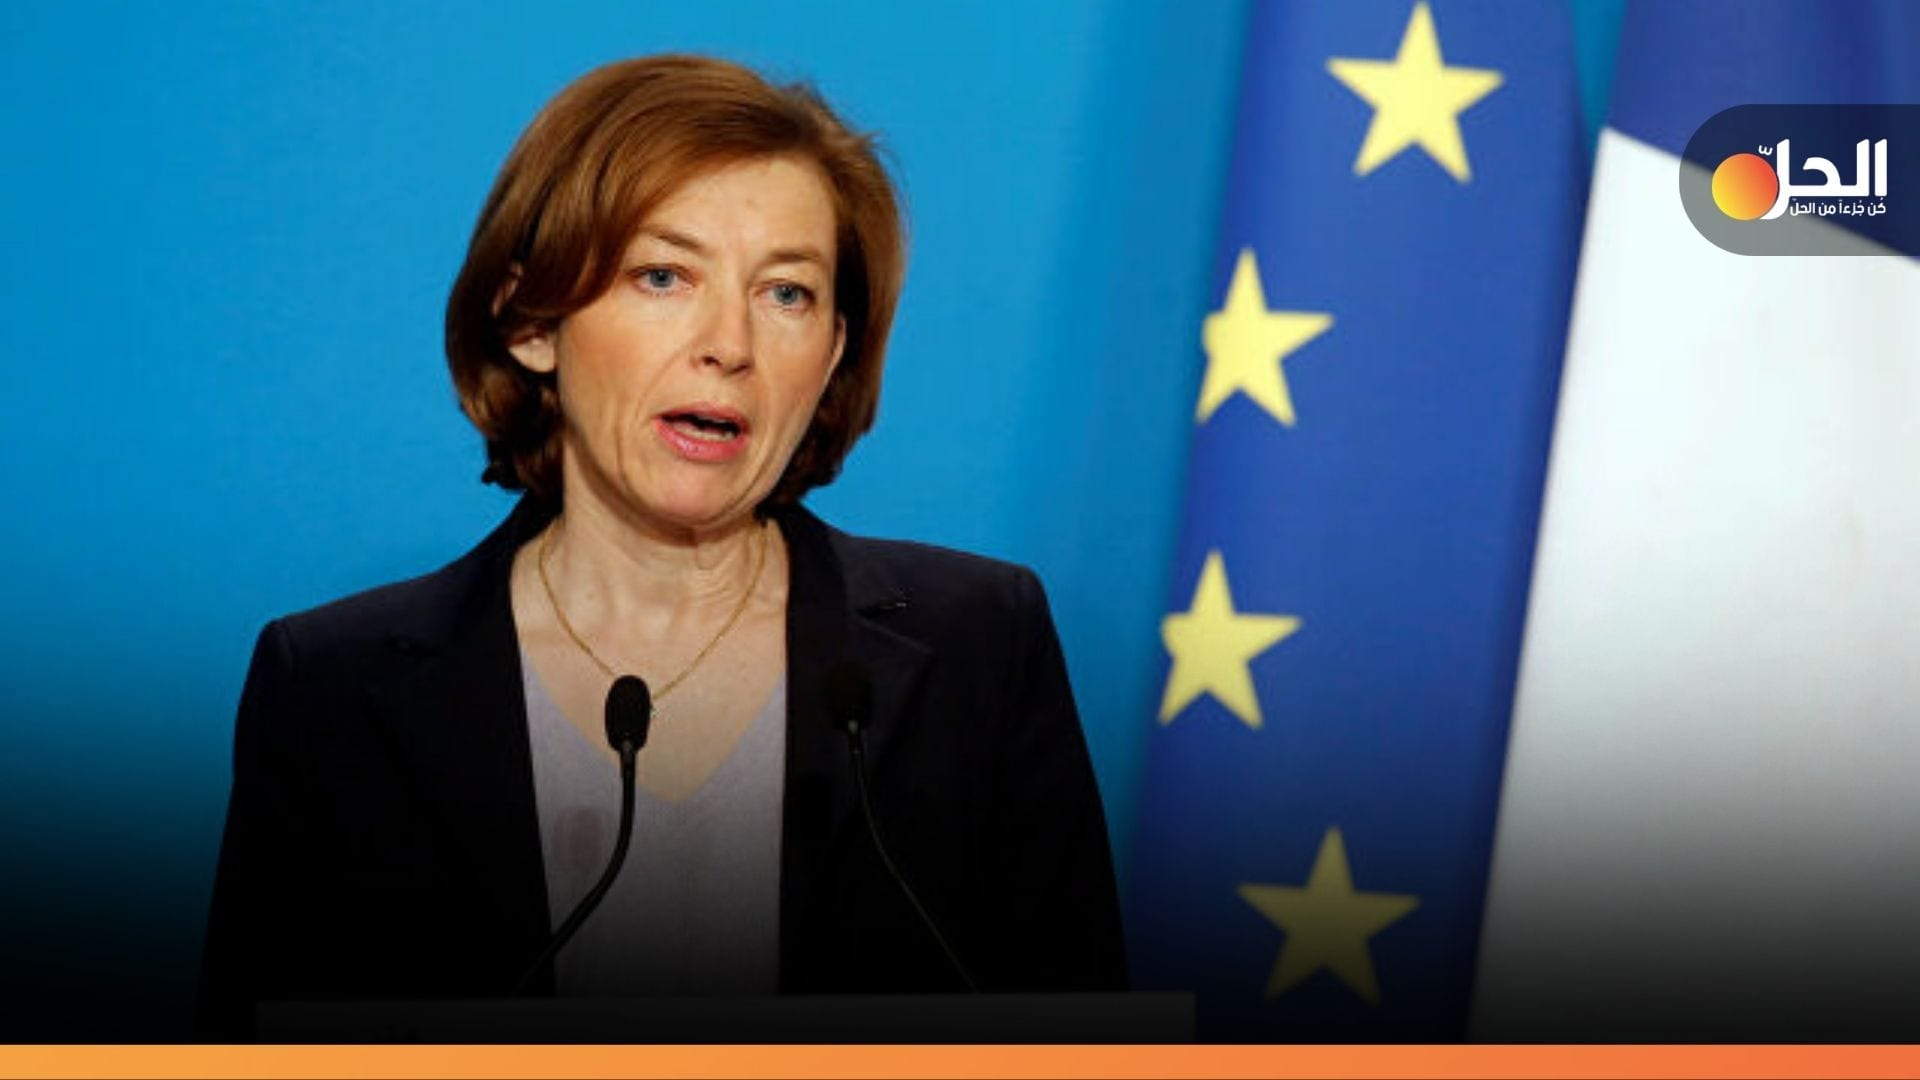 وزيرة الدفاع الفرنسيّة متخوفة من عودة ظهور «داعش» في سوريا والعراق